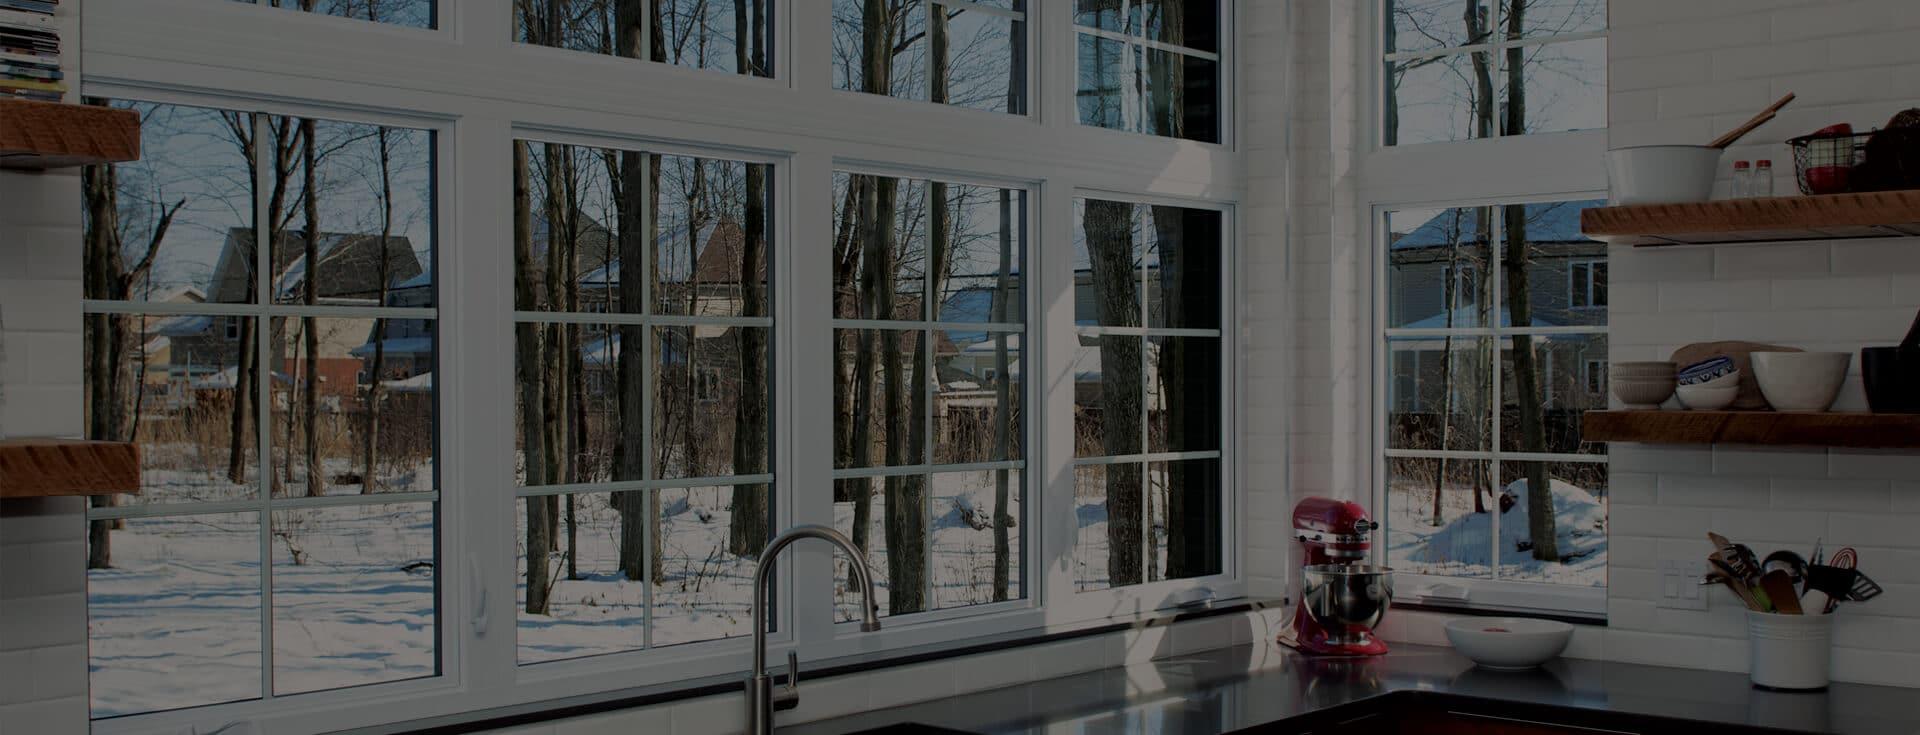 fabrication vente et installation de portes et fen tres ForPorte Et Fenetre Quebecoise St Hyacinthe